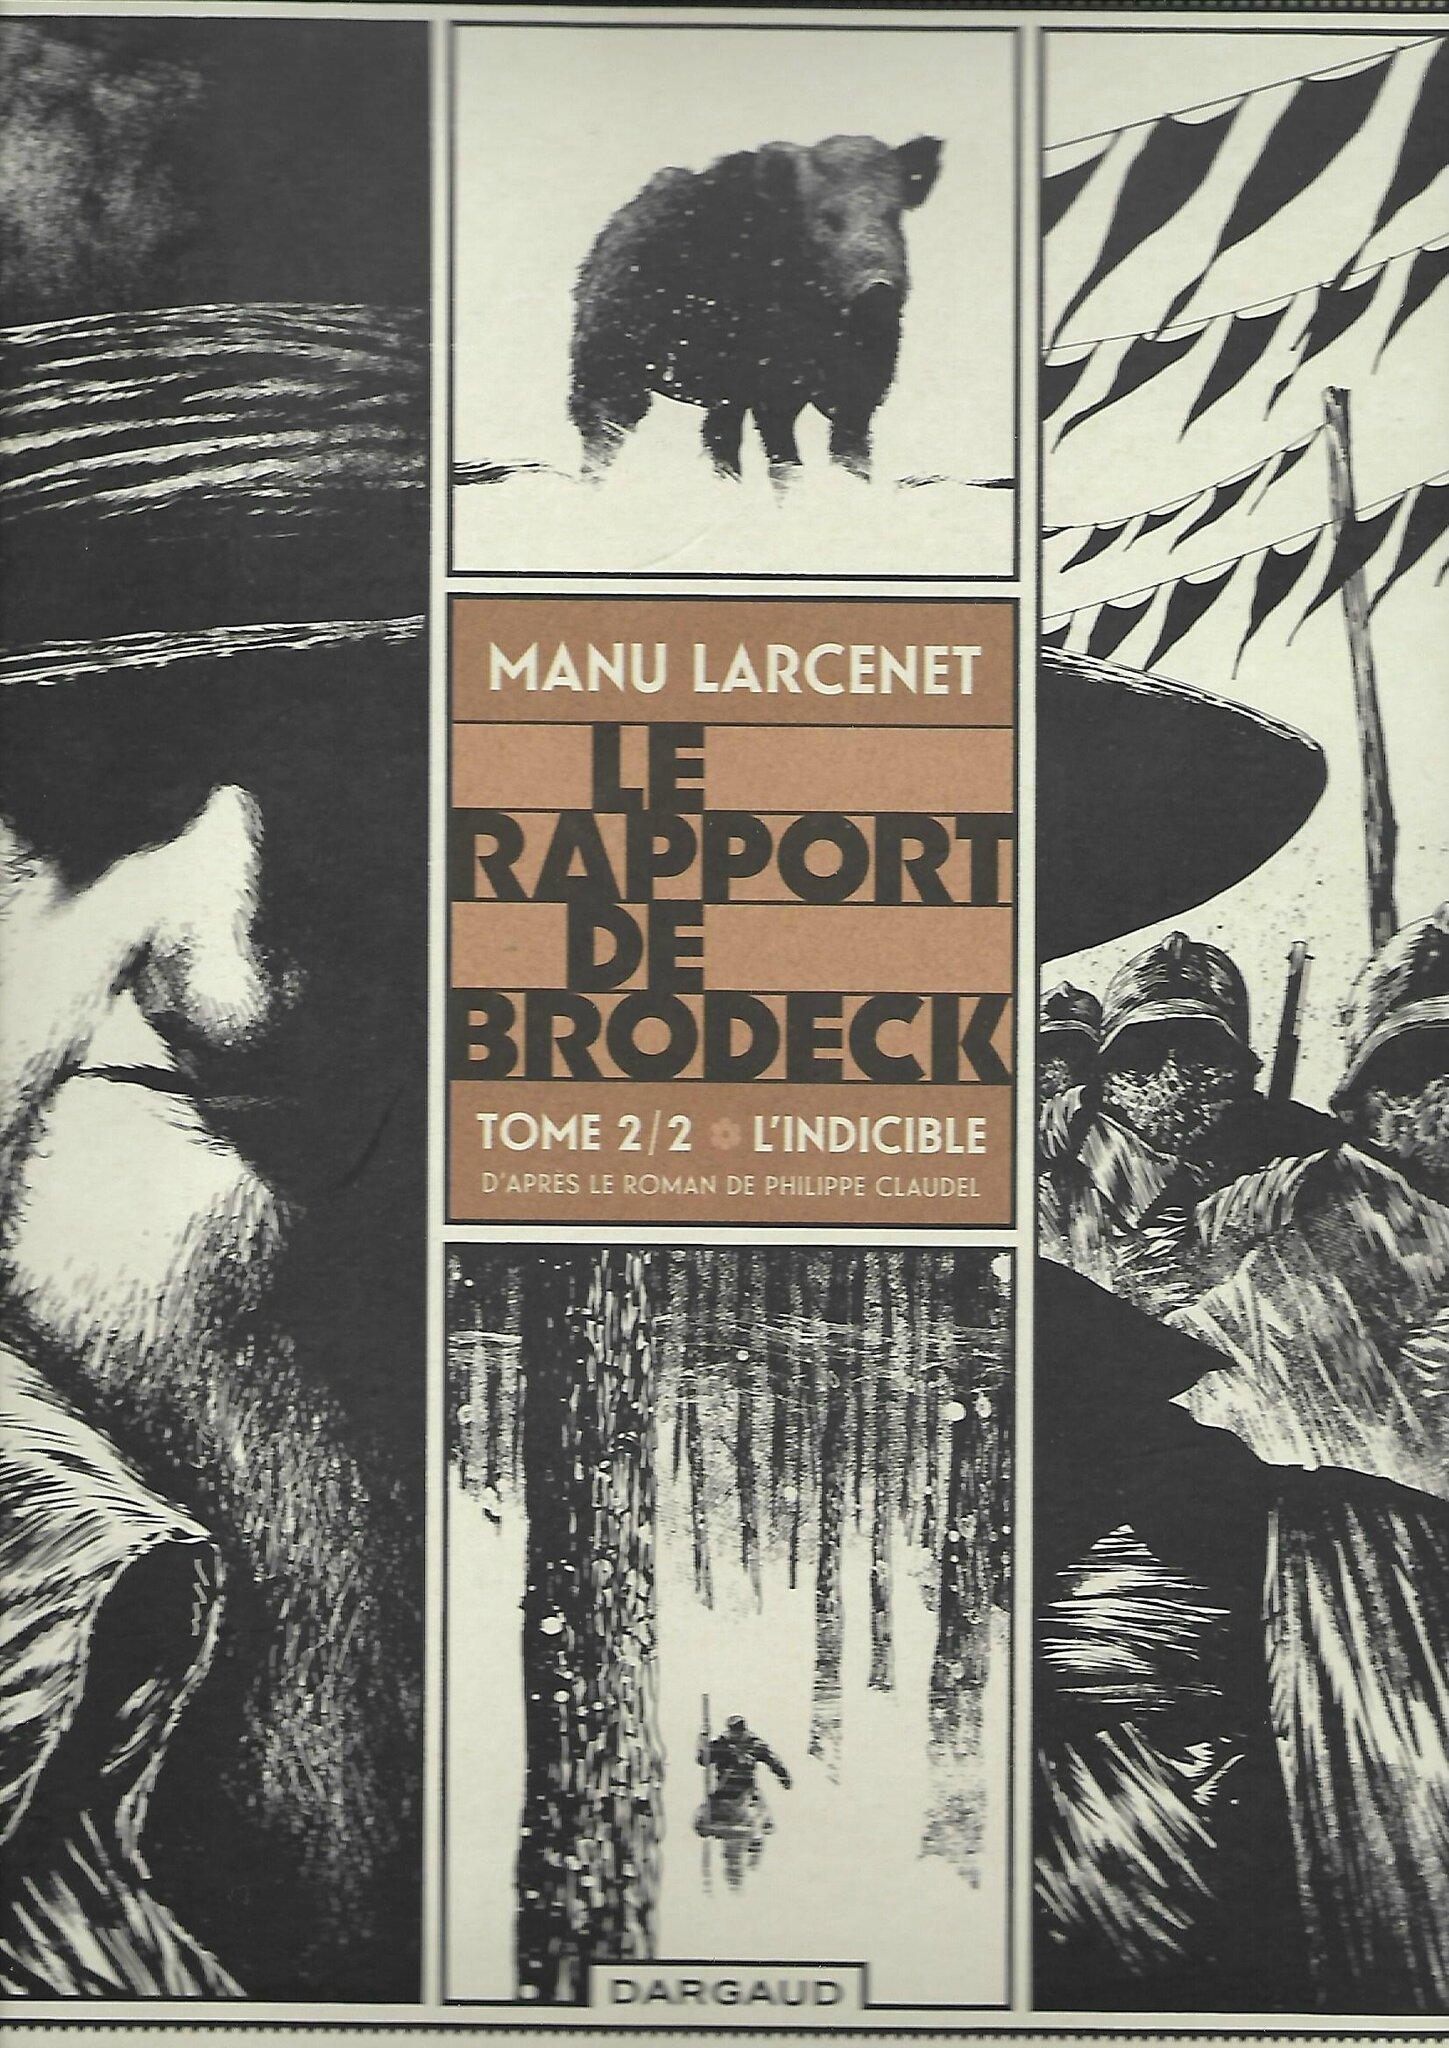 LE RAPPORT DE BRODECK - Tome 2/2: L'INDICIBLE - par Manu Larcenet - D'après le roman de Philippe Claudel